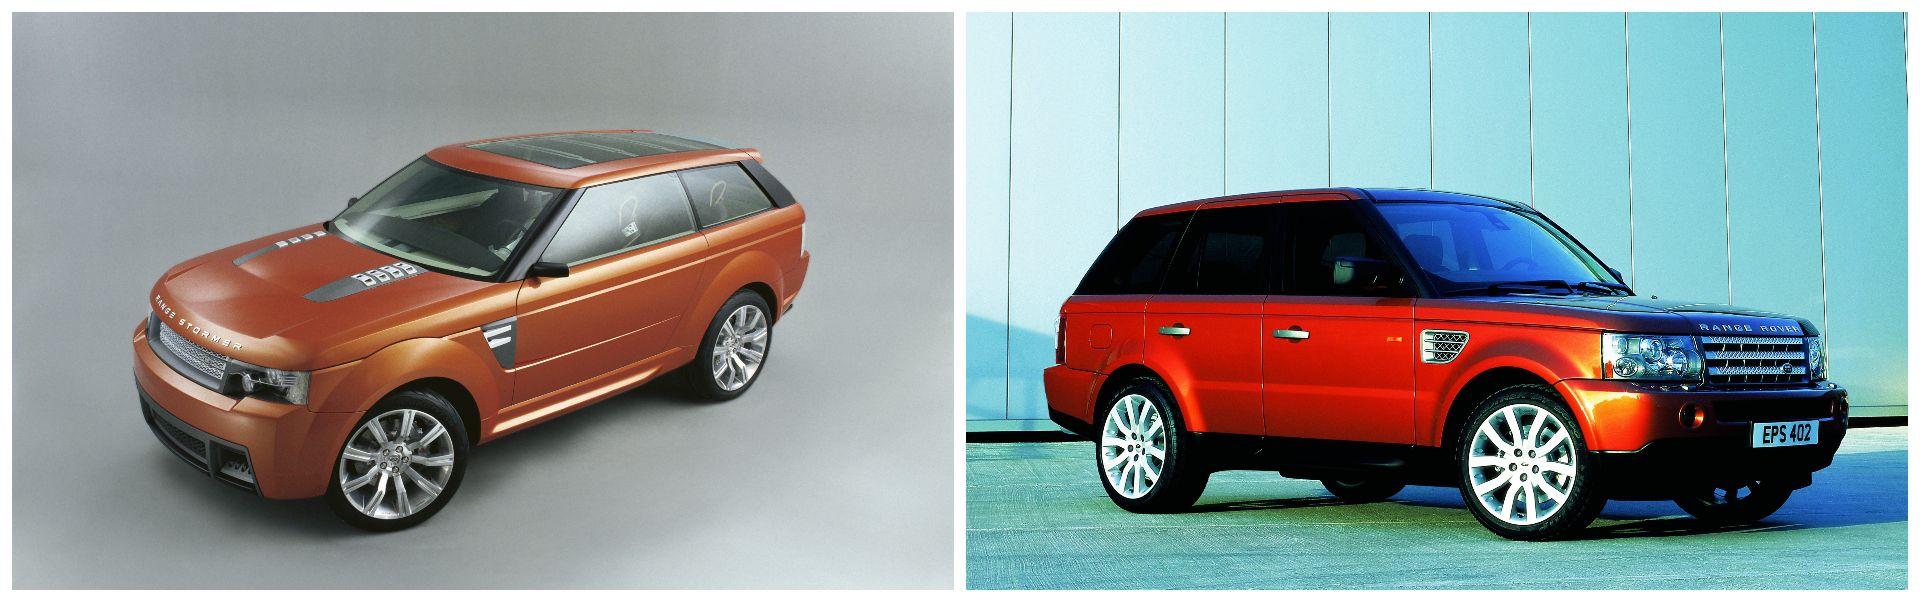 Range Stormer / Range Rover Sport